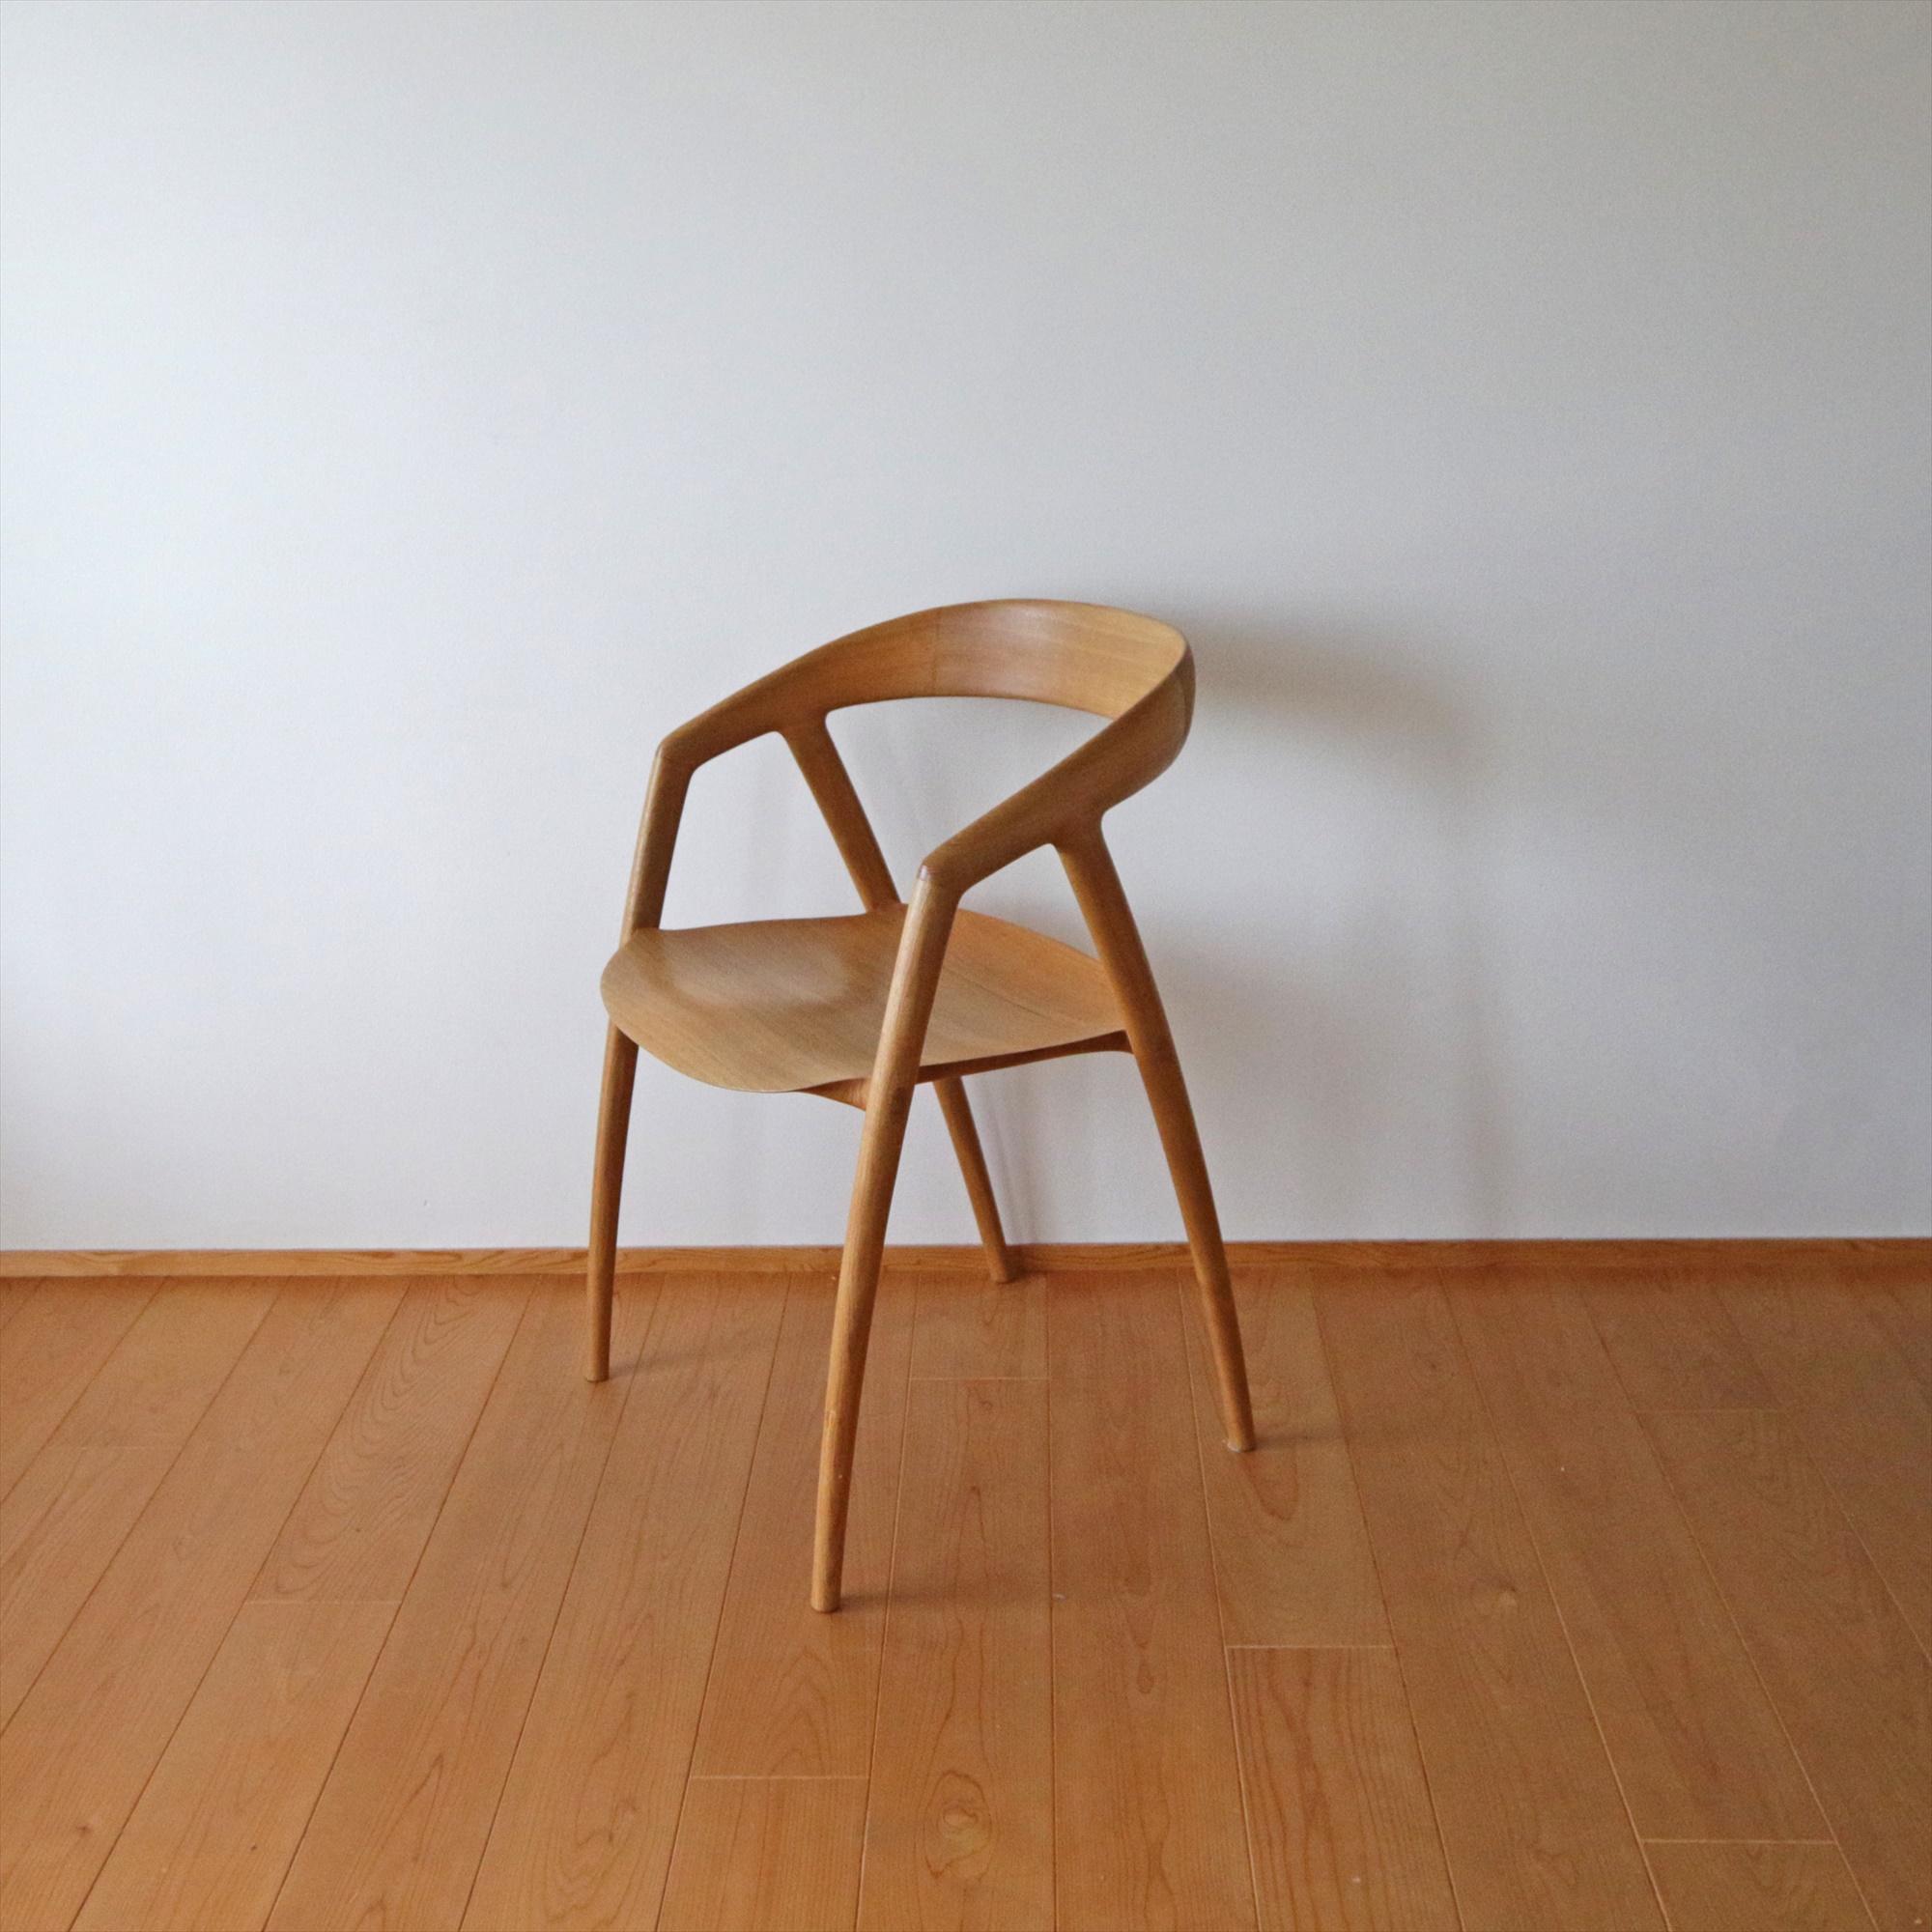 「和に合う、シンプルモダン。彫刻のように美しい、木の椅子」 by pixisukeさん